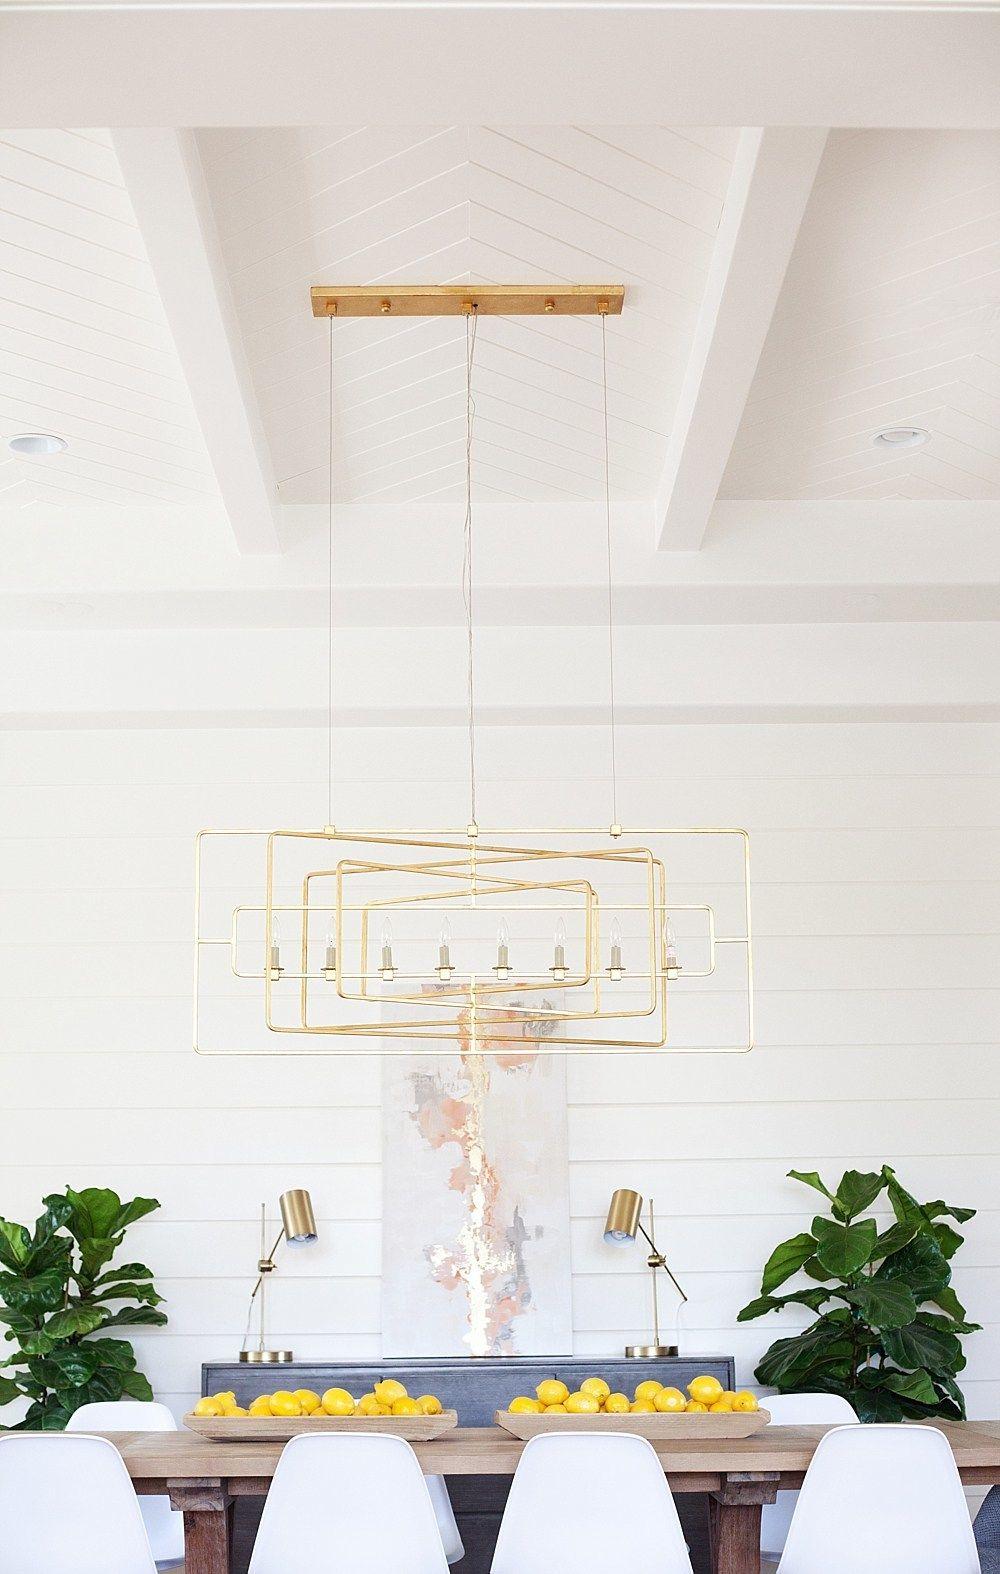 Küche ideen platz raum  interior design trends that arenut going anywhere  strandhaus